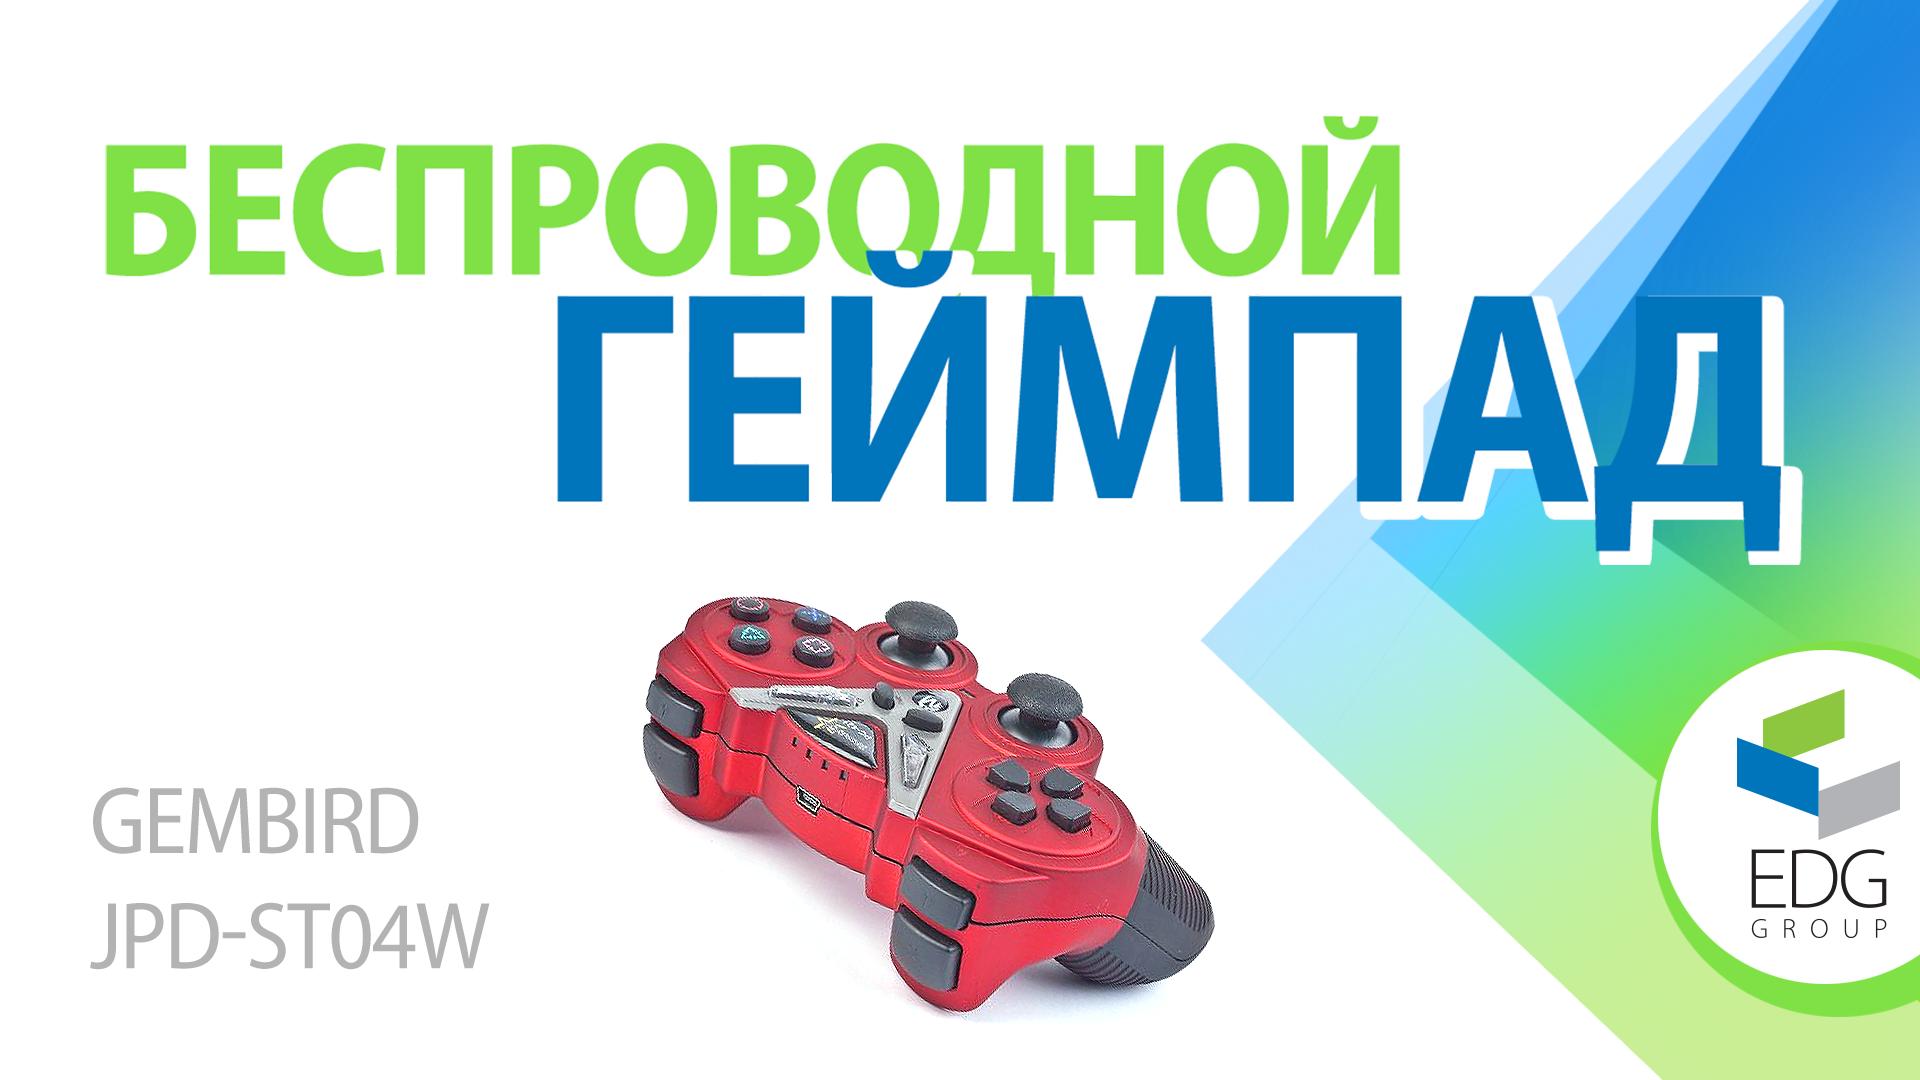 Игровой беспроводной геймпад Gembird JPD-ST04W